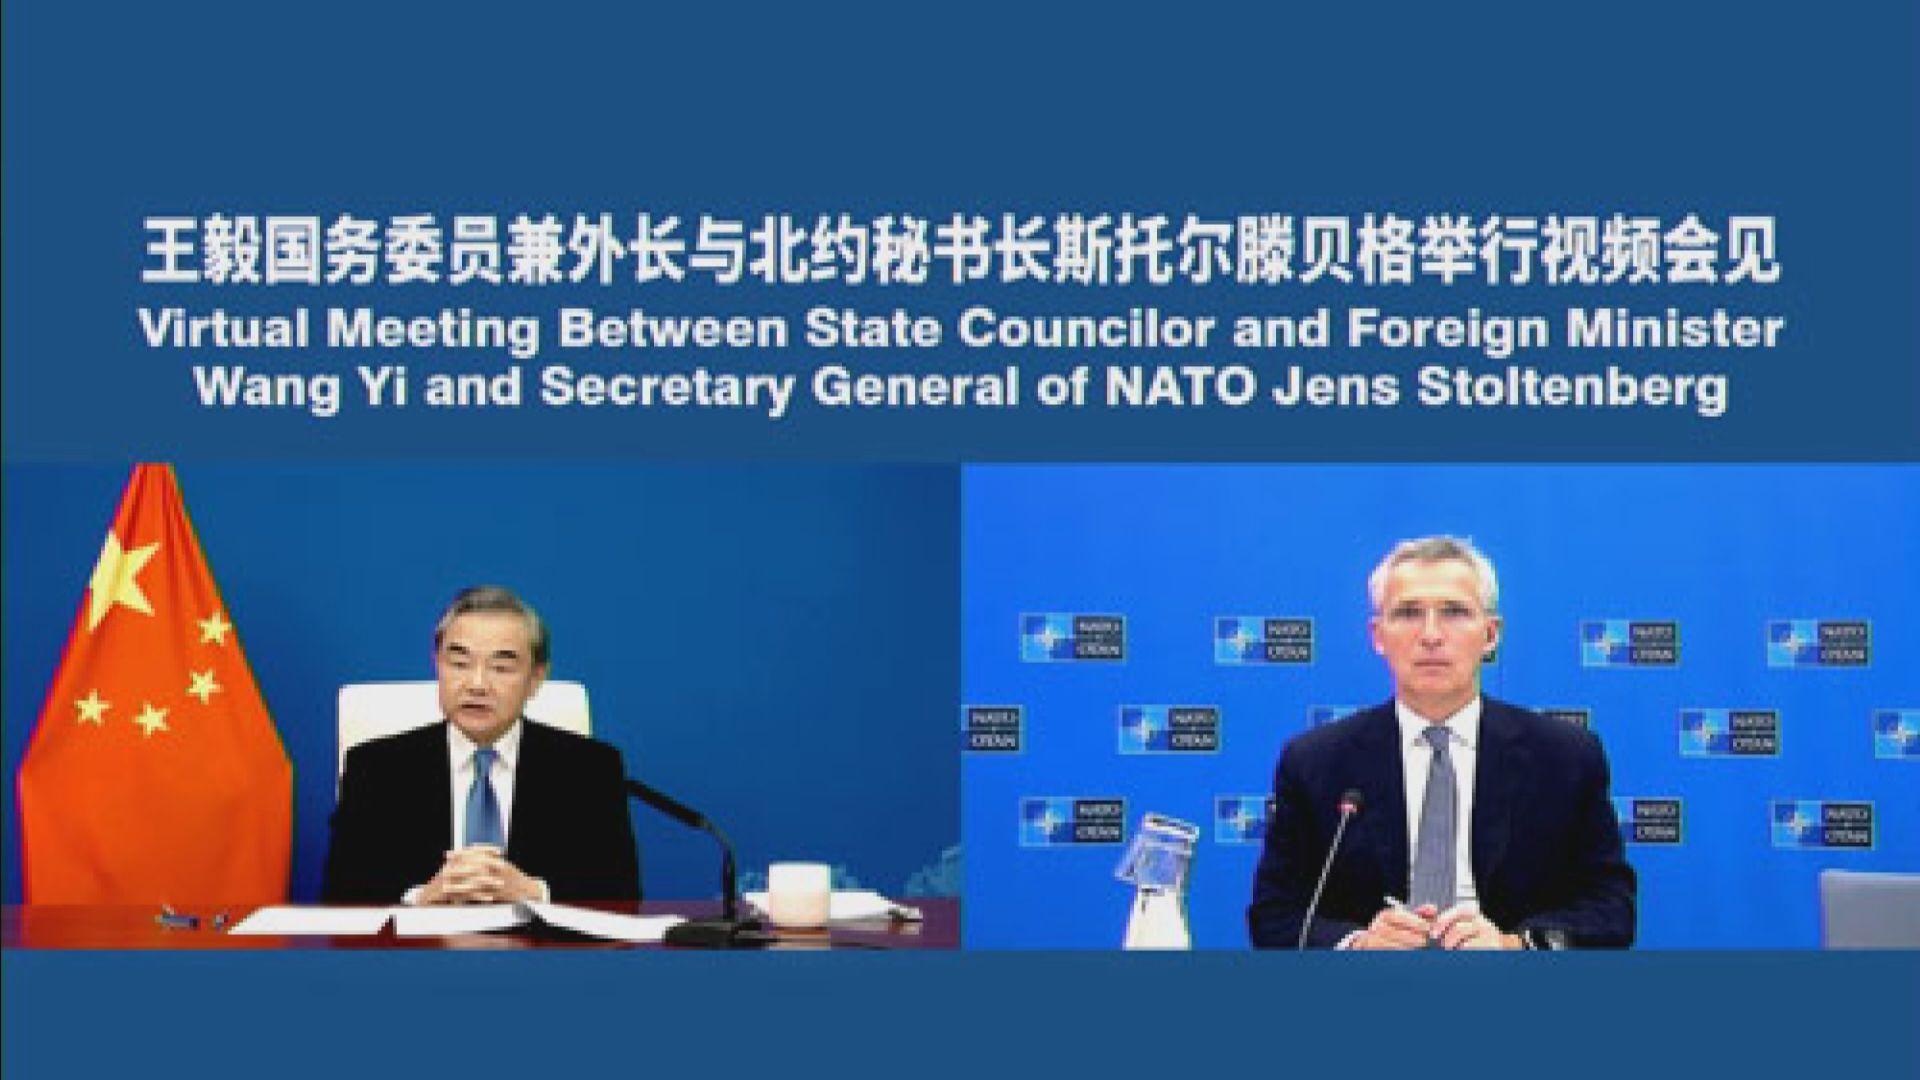 王毅稱亞太地區不需要新軍事集團籲北約堅持原有地理定位